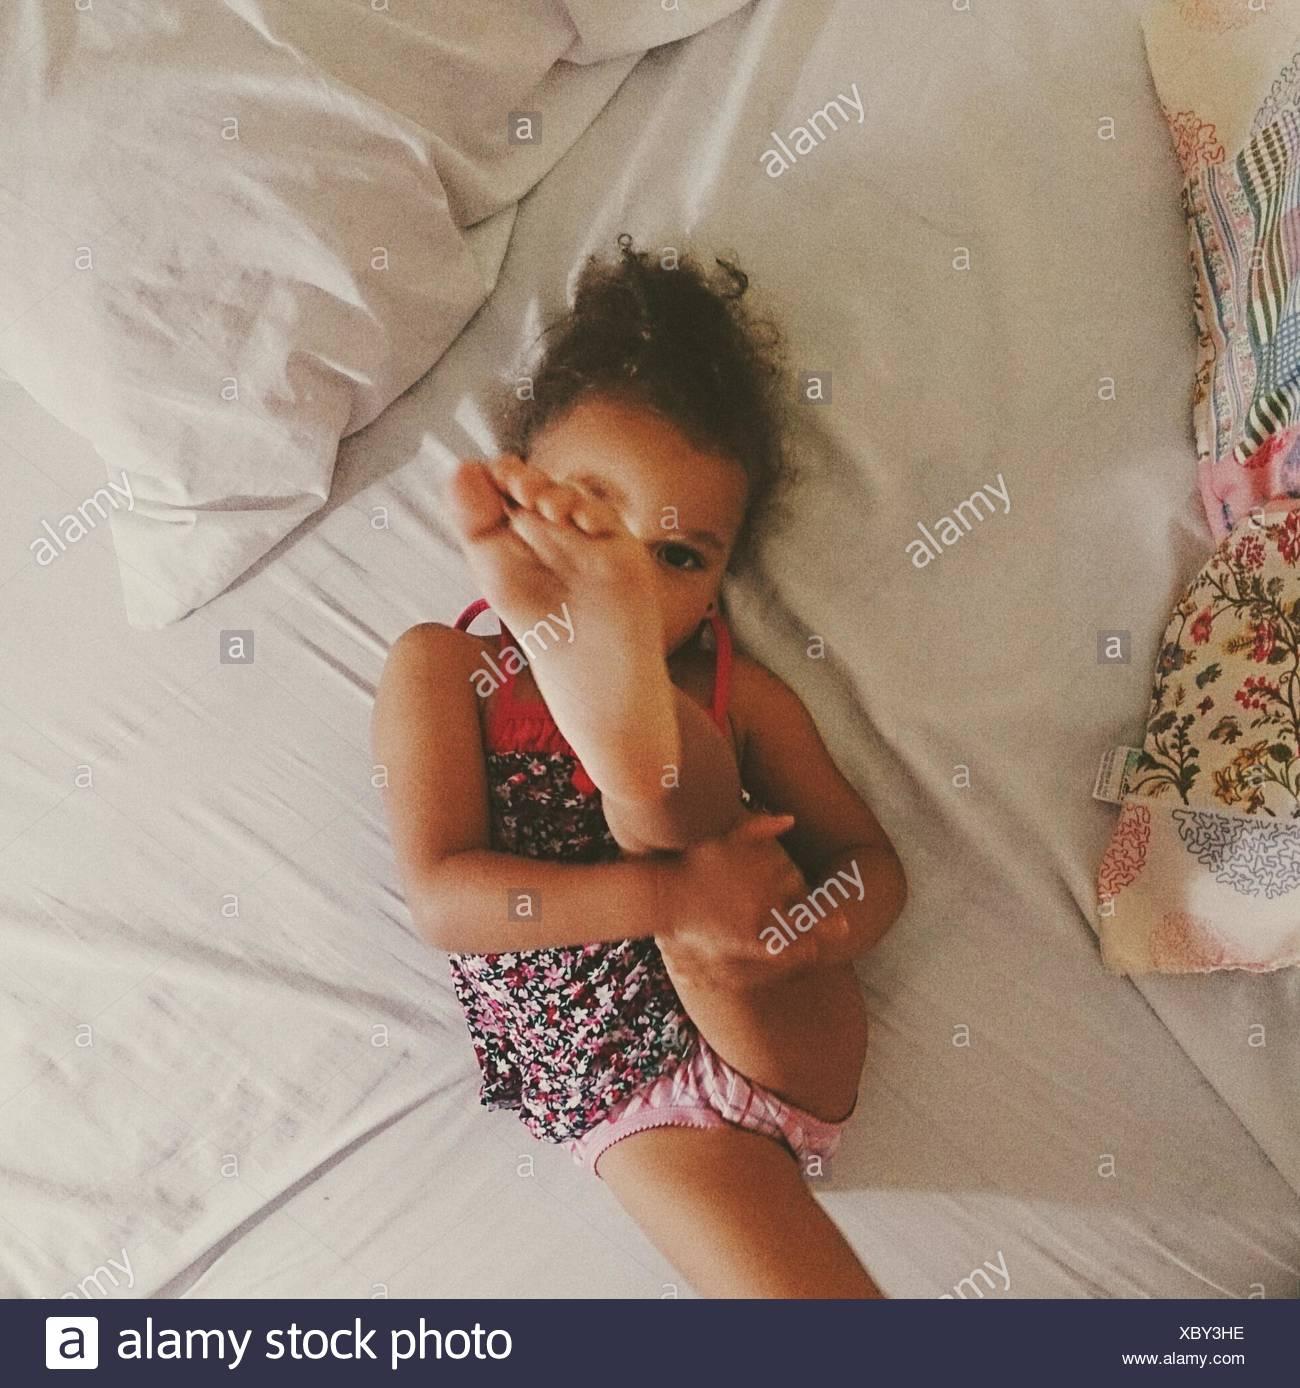 Un alto ángulo de vista de Chica con los pies hacia arriba mientras se relaja en la cama Imagen De Stock